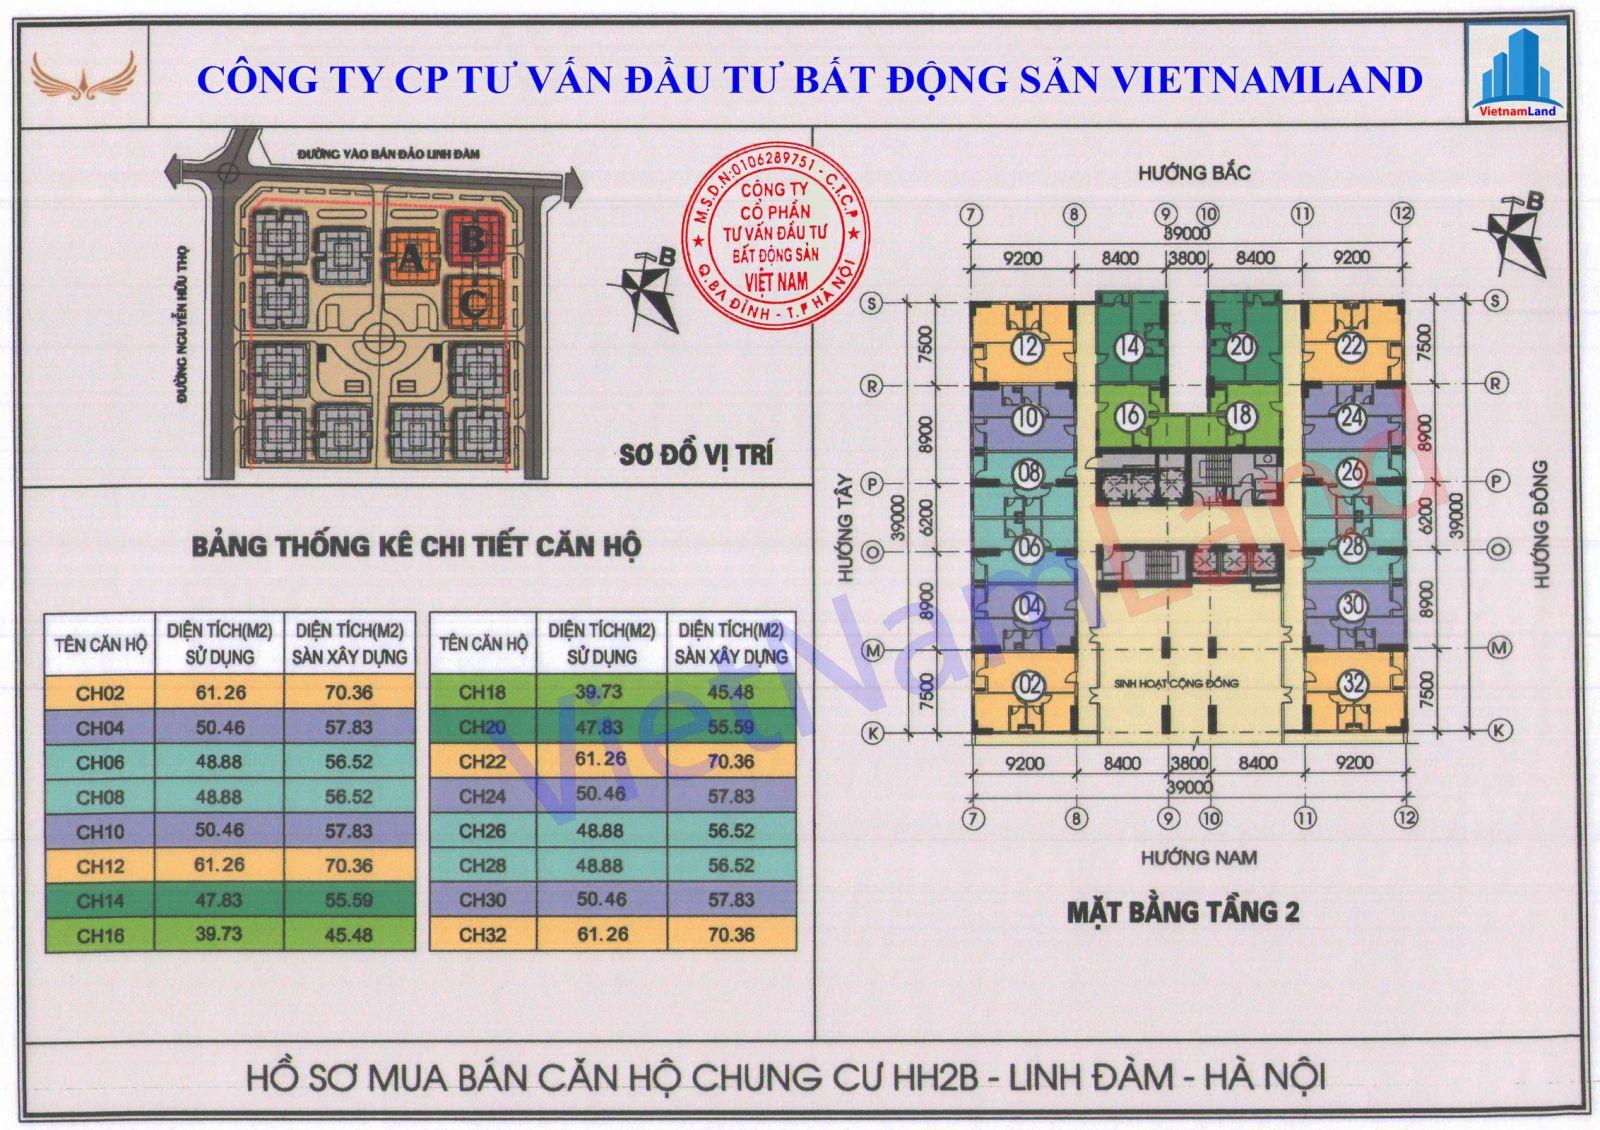 tang-2-hh2b-linh-dam